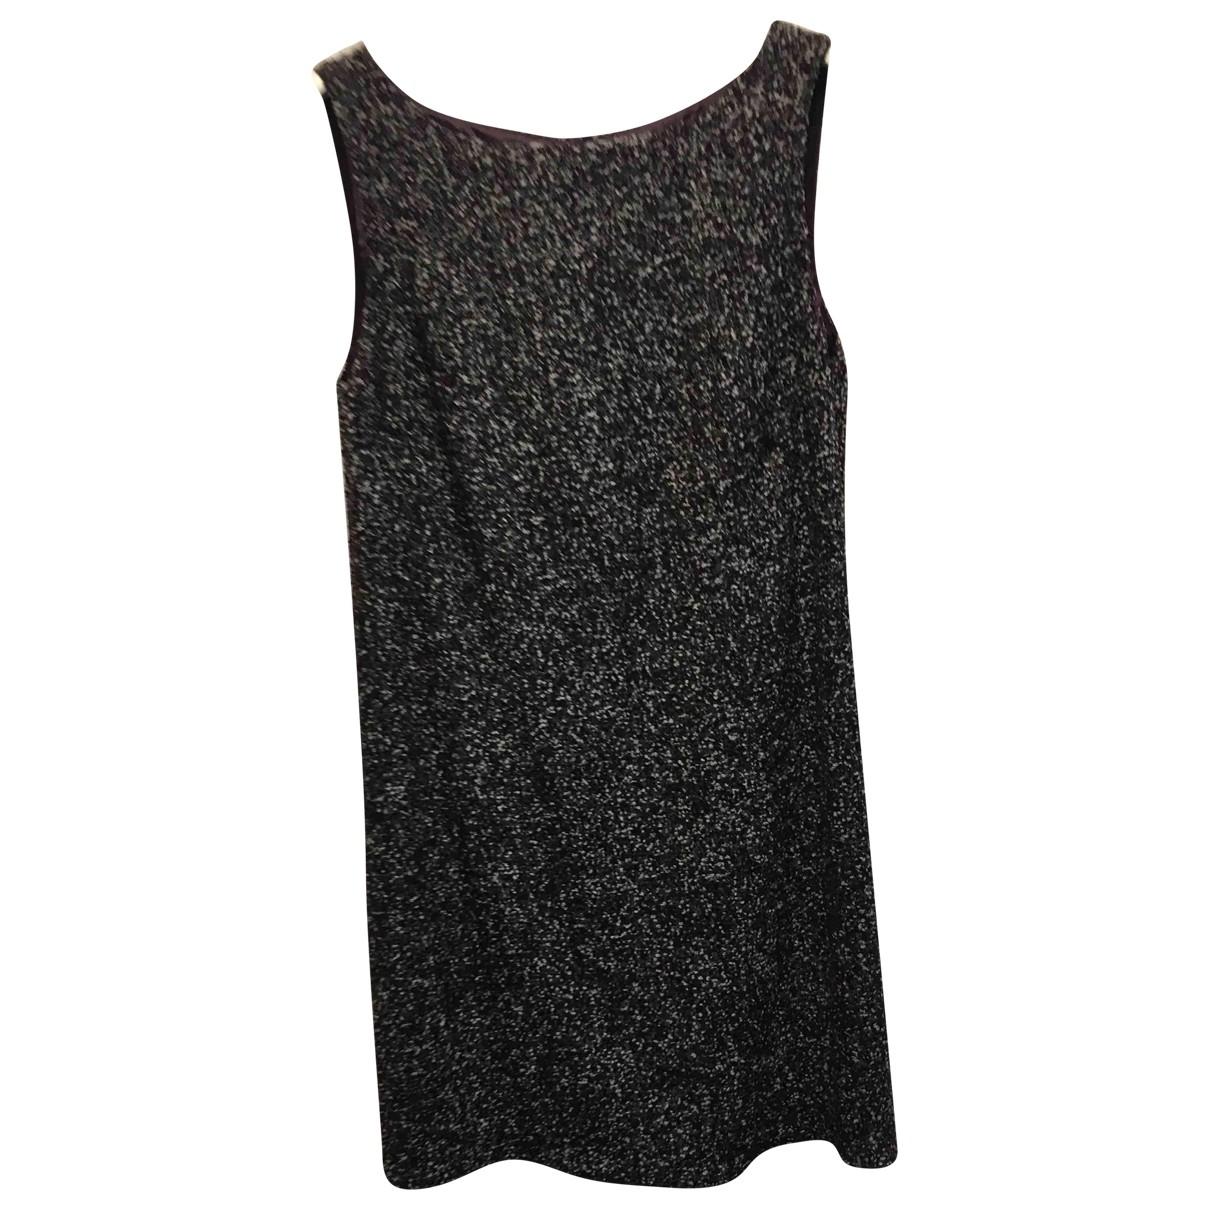 Escada \N Black Wool dress for Women 34 FR